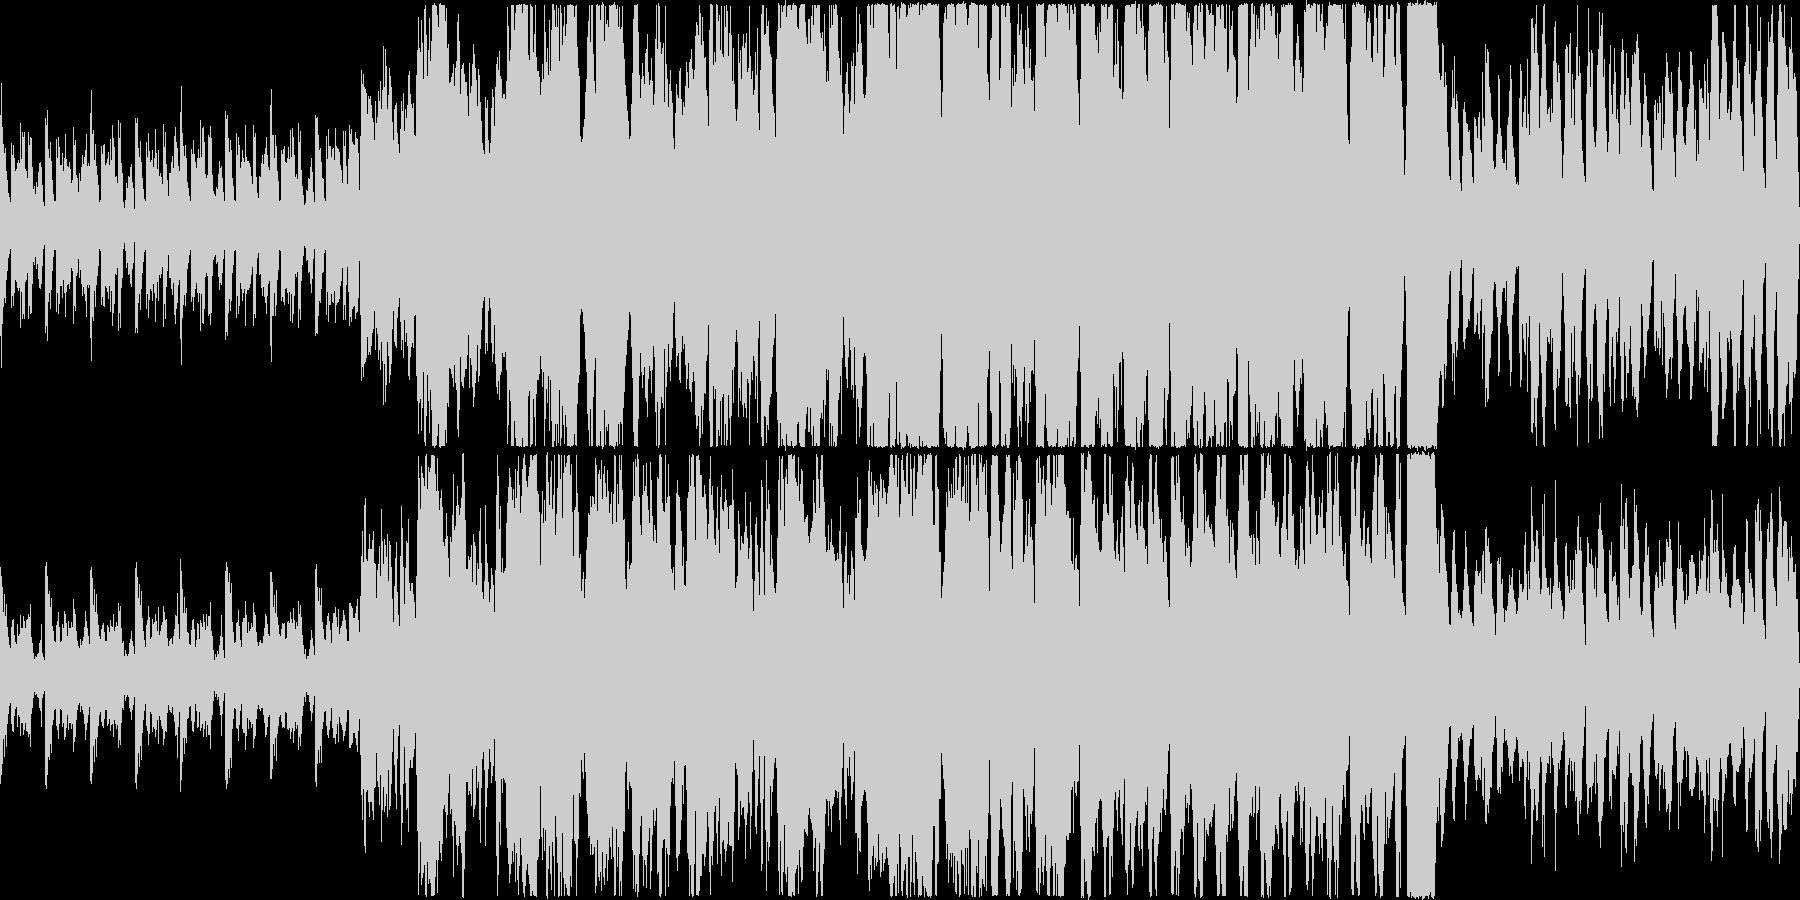 勇壮なイメージのオーケストラ(マーチ)曲の未再生の波形